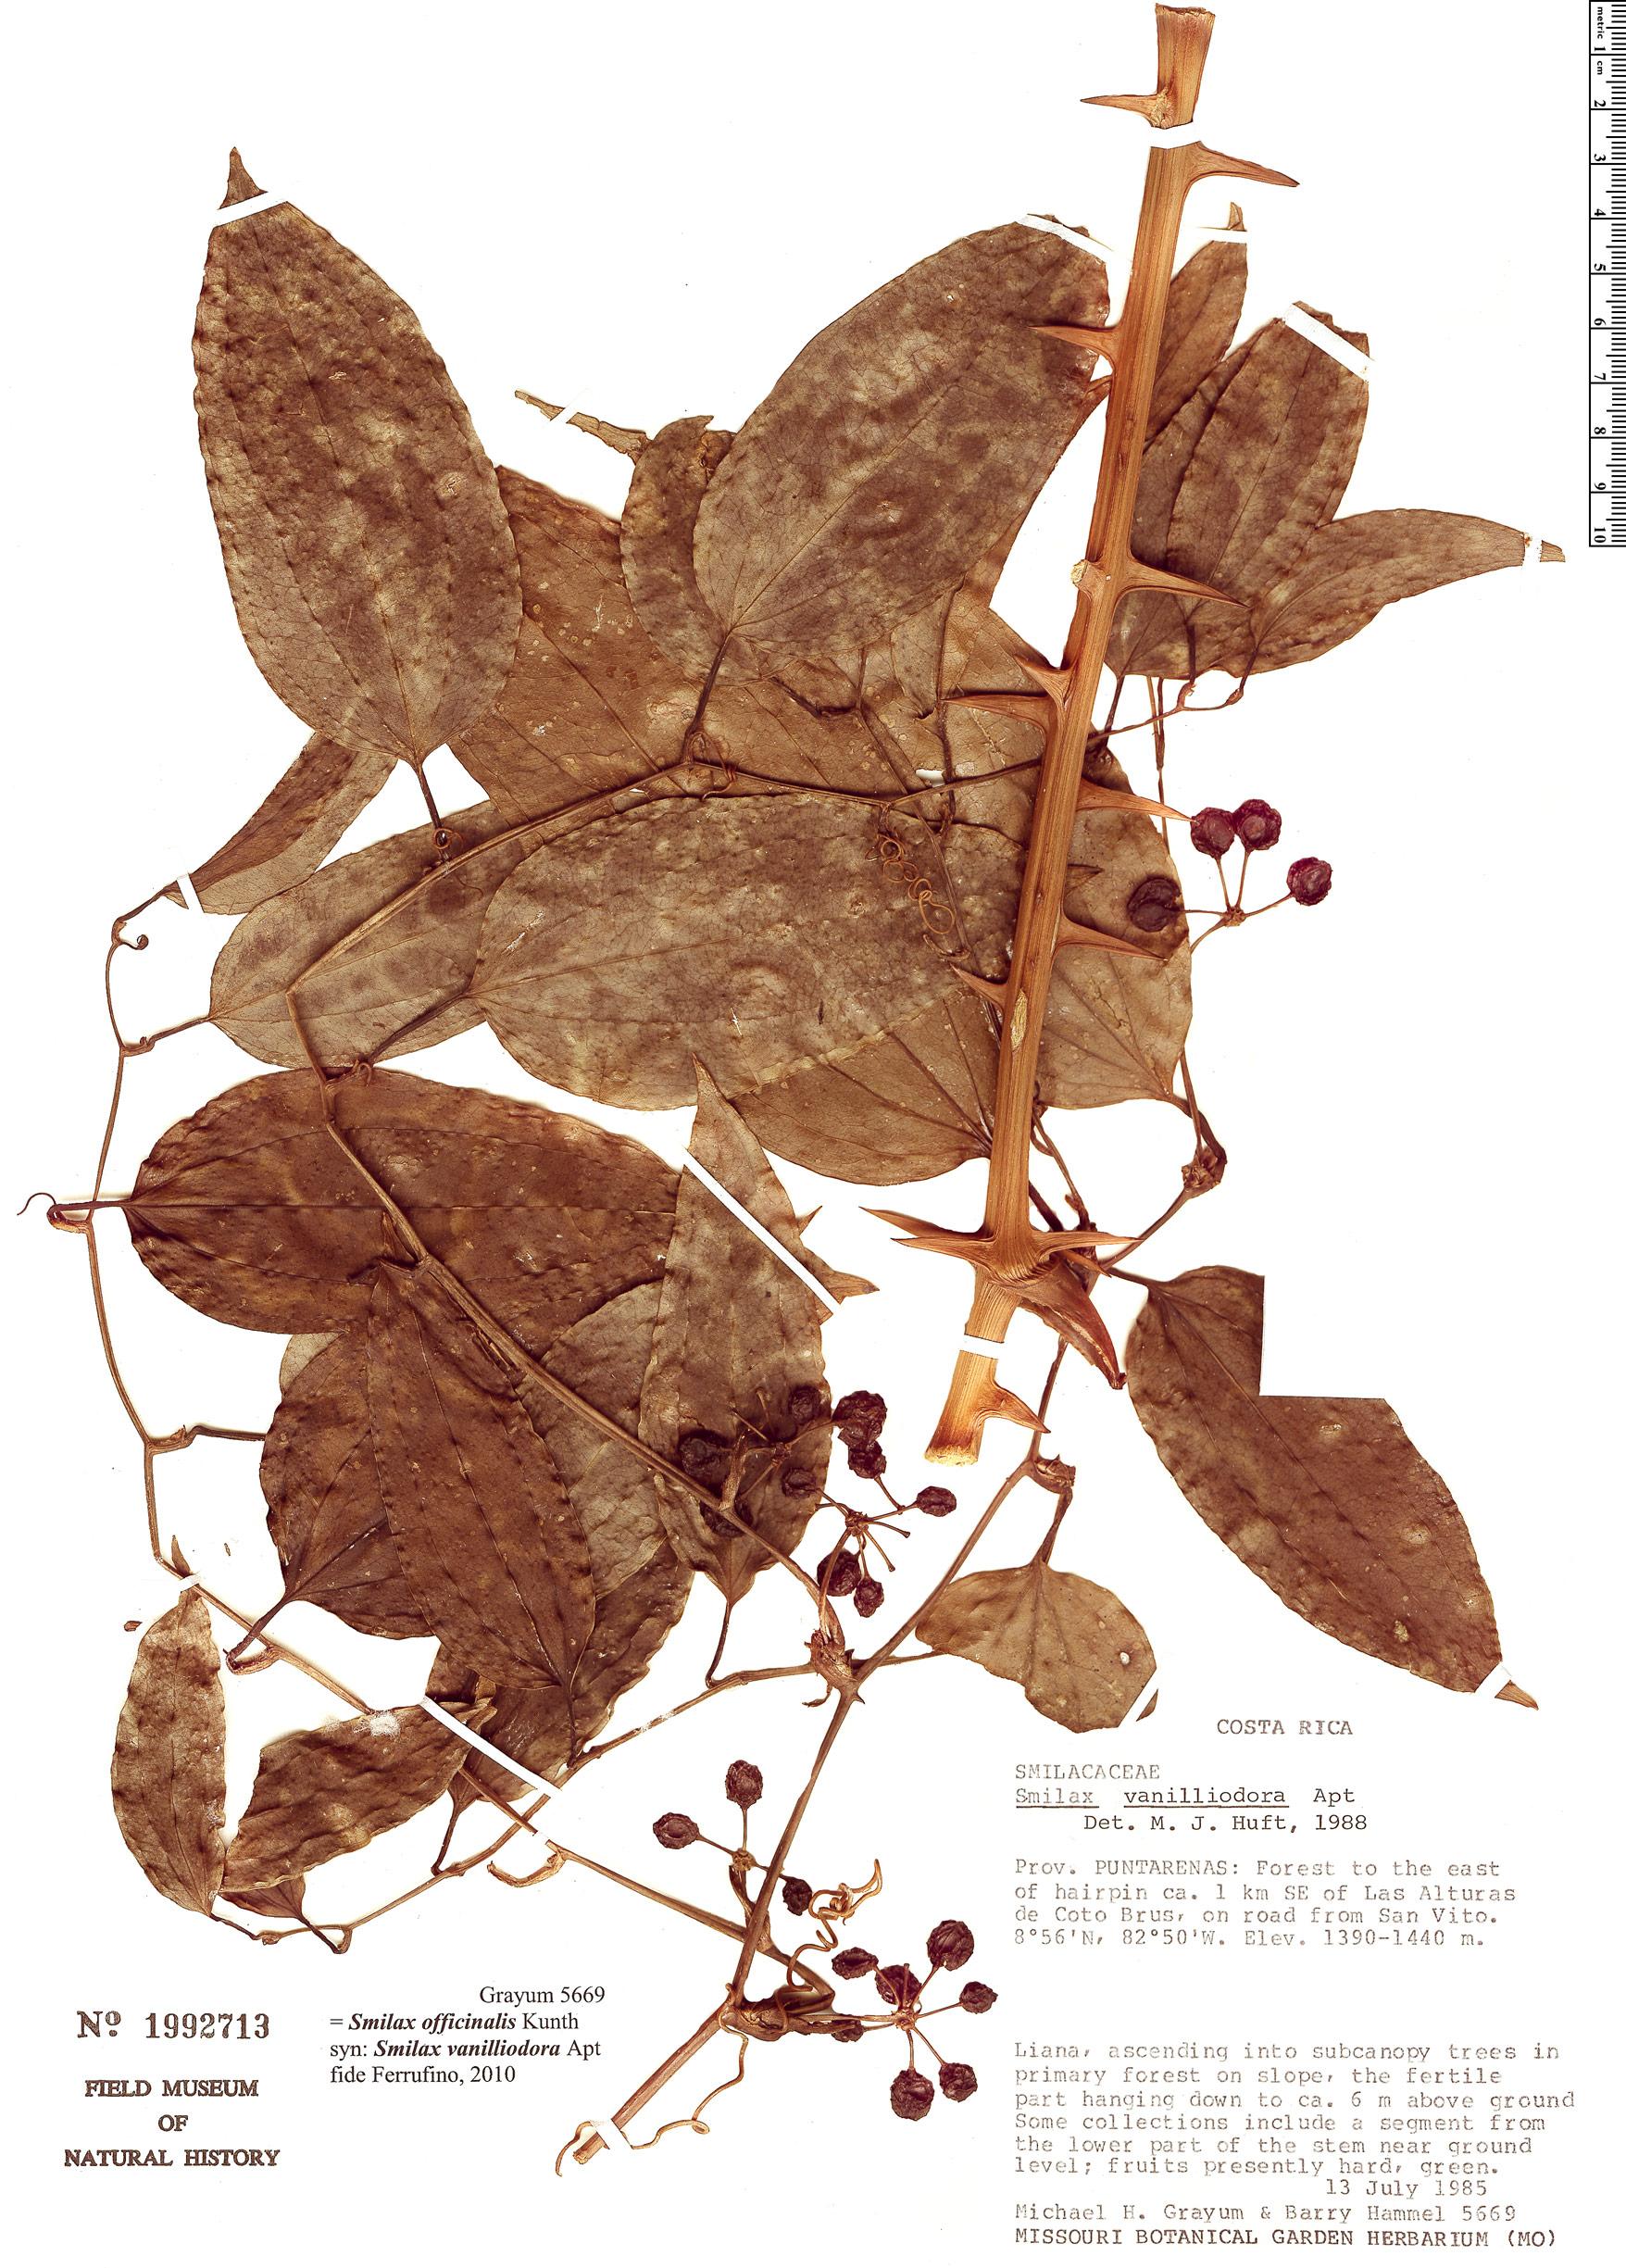 Specimen: Smilax febrifuga